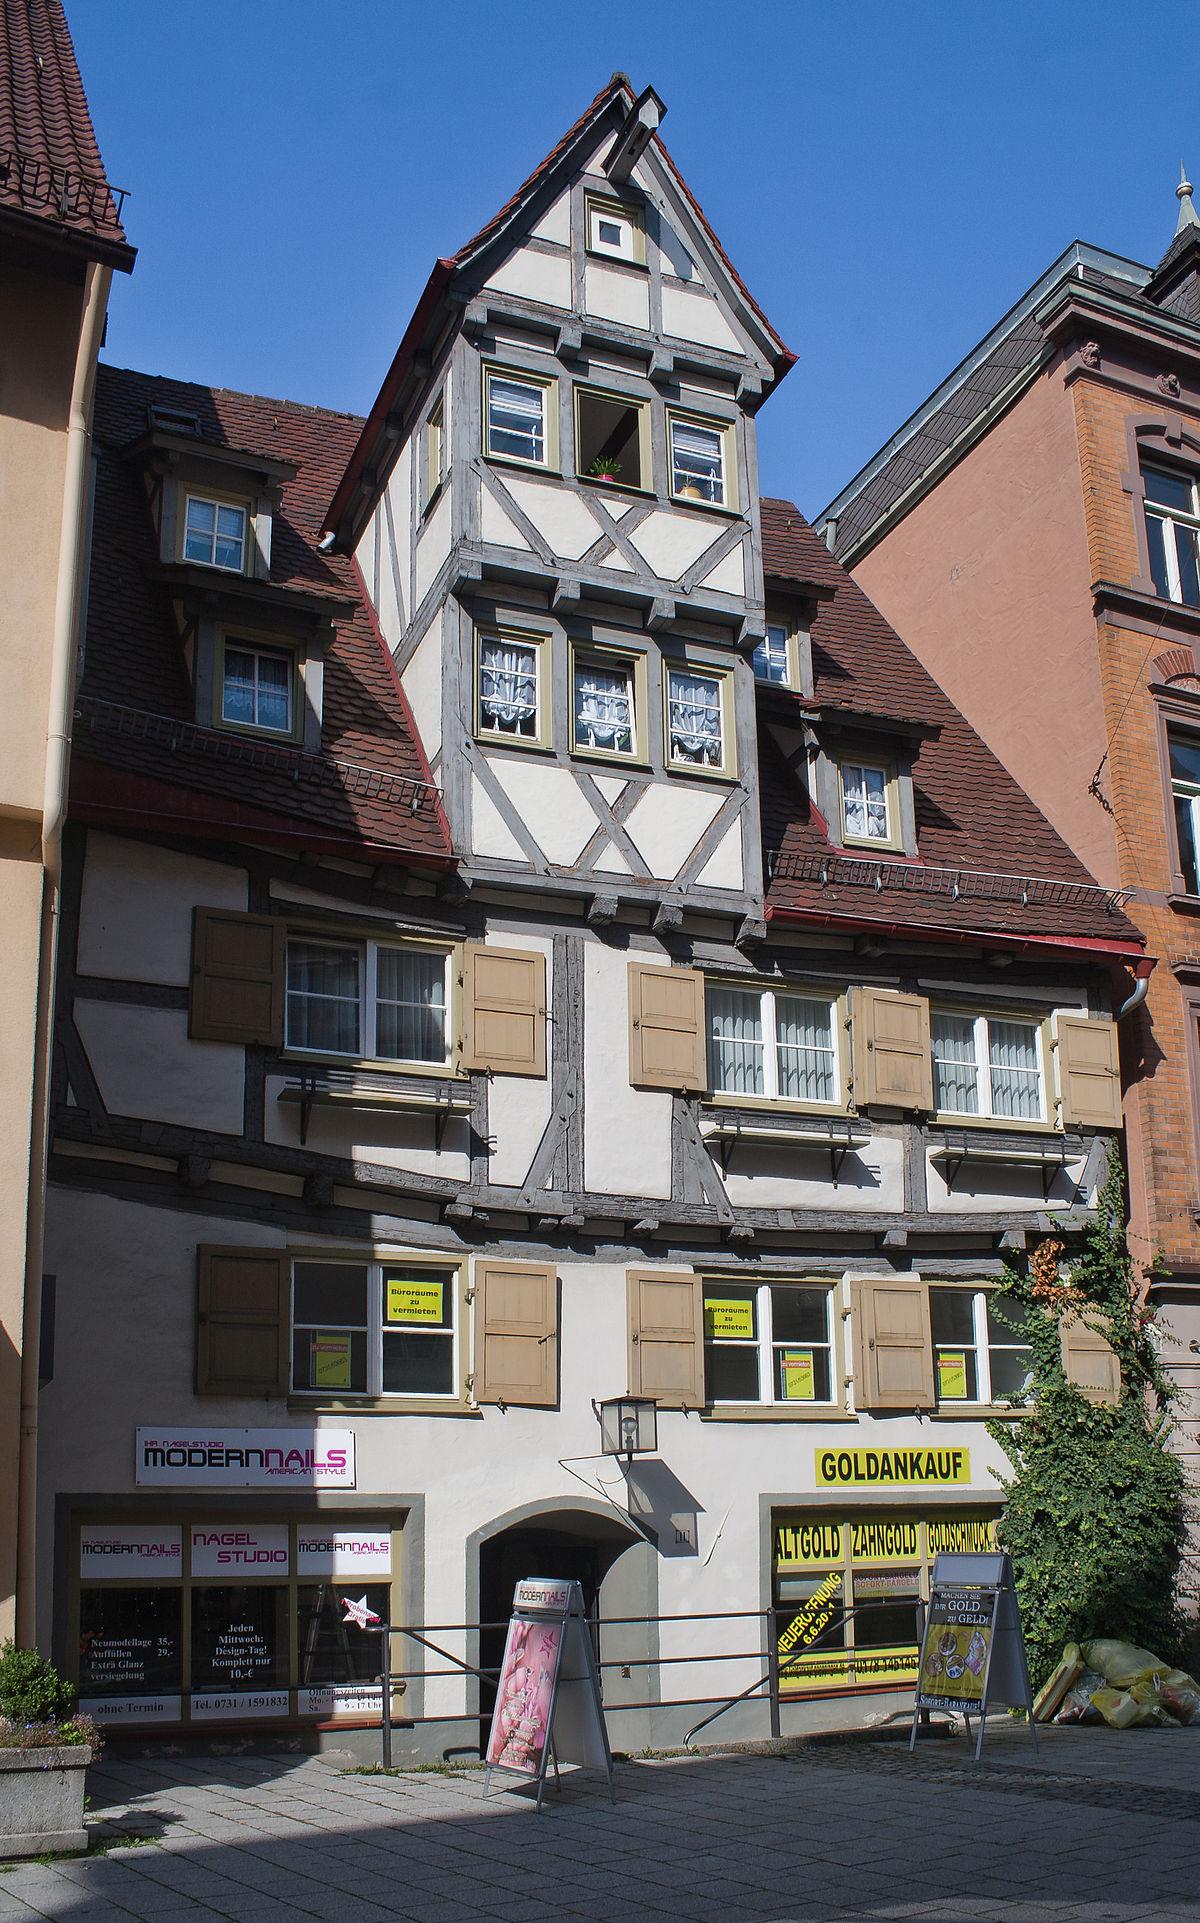 zwerchhaus wiktionary